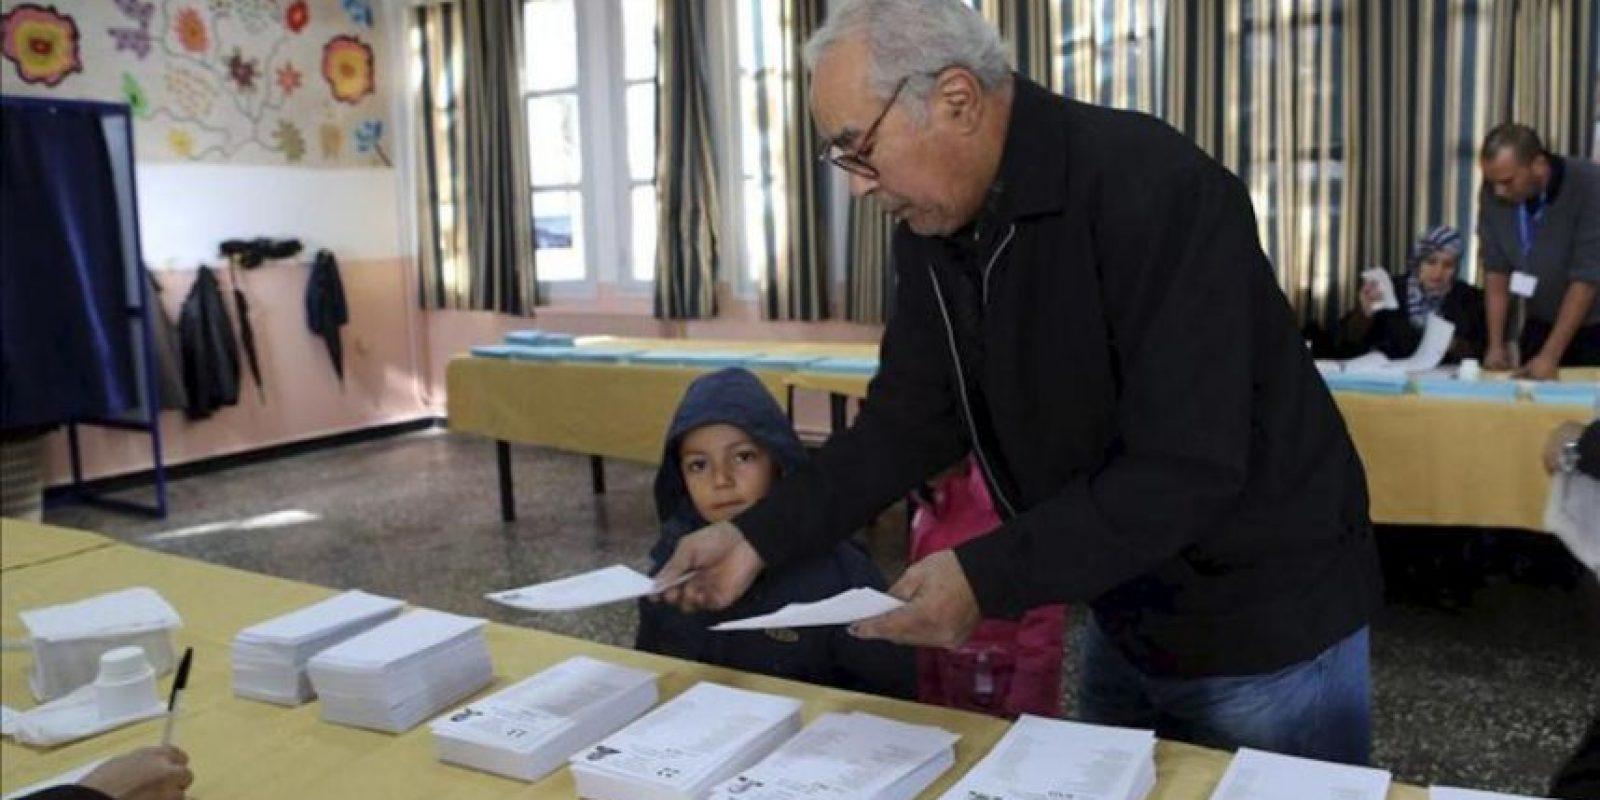 Un hombre escoge una papeleta antes de ejercer el derecho al voto en un centro electoral durante las elecciones locales, en Argel, Argelia. EFE